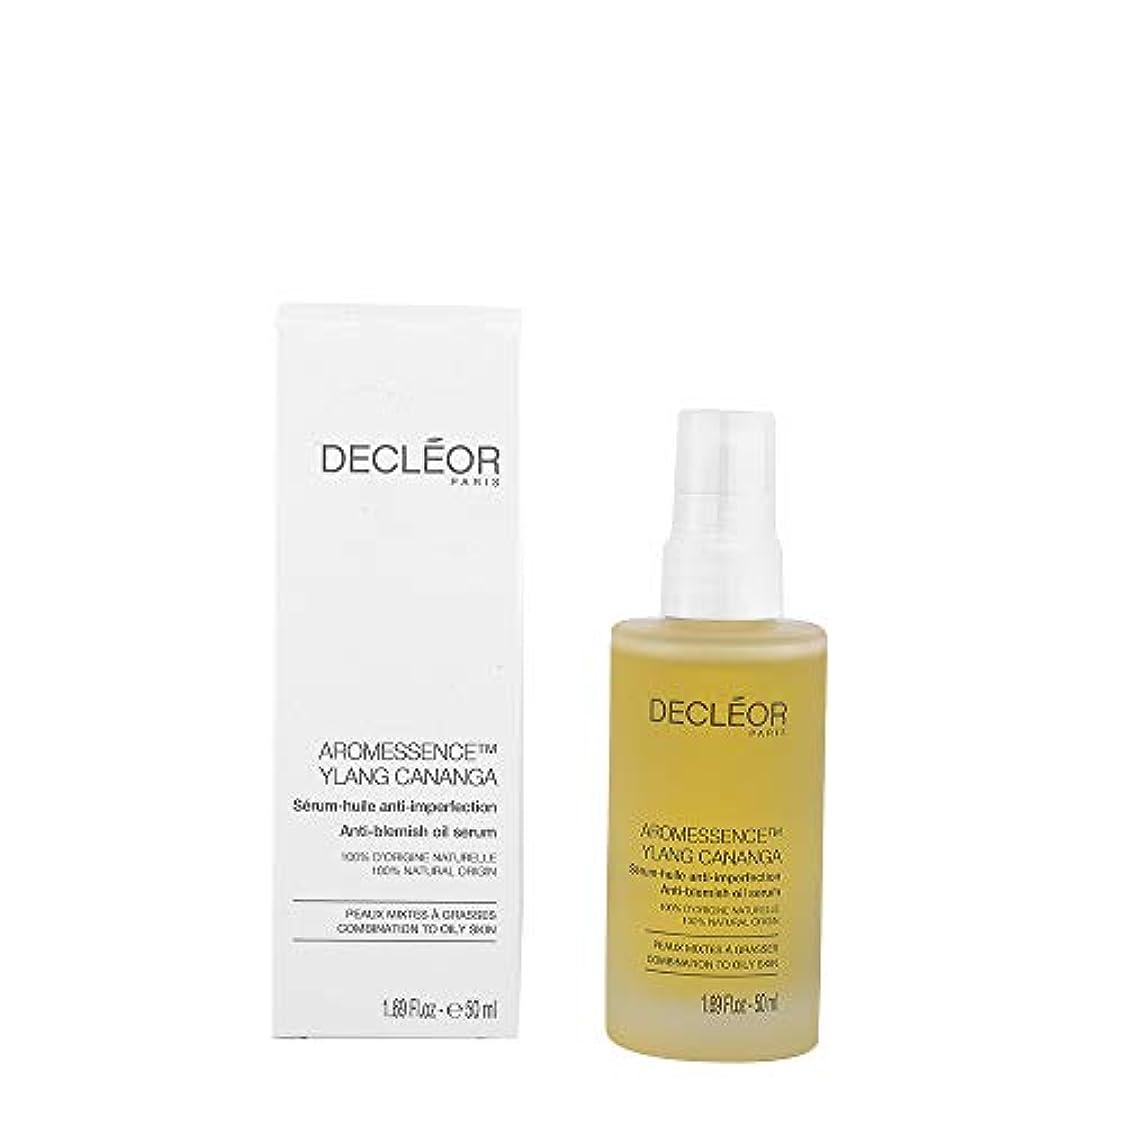 出しますパン屋伝説デクレオール Aromessence Ylang Cananga Anti-Blemish Oil Serum - For Combination to Oily Skin (Salon Size) 50ml/1.69oz...